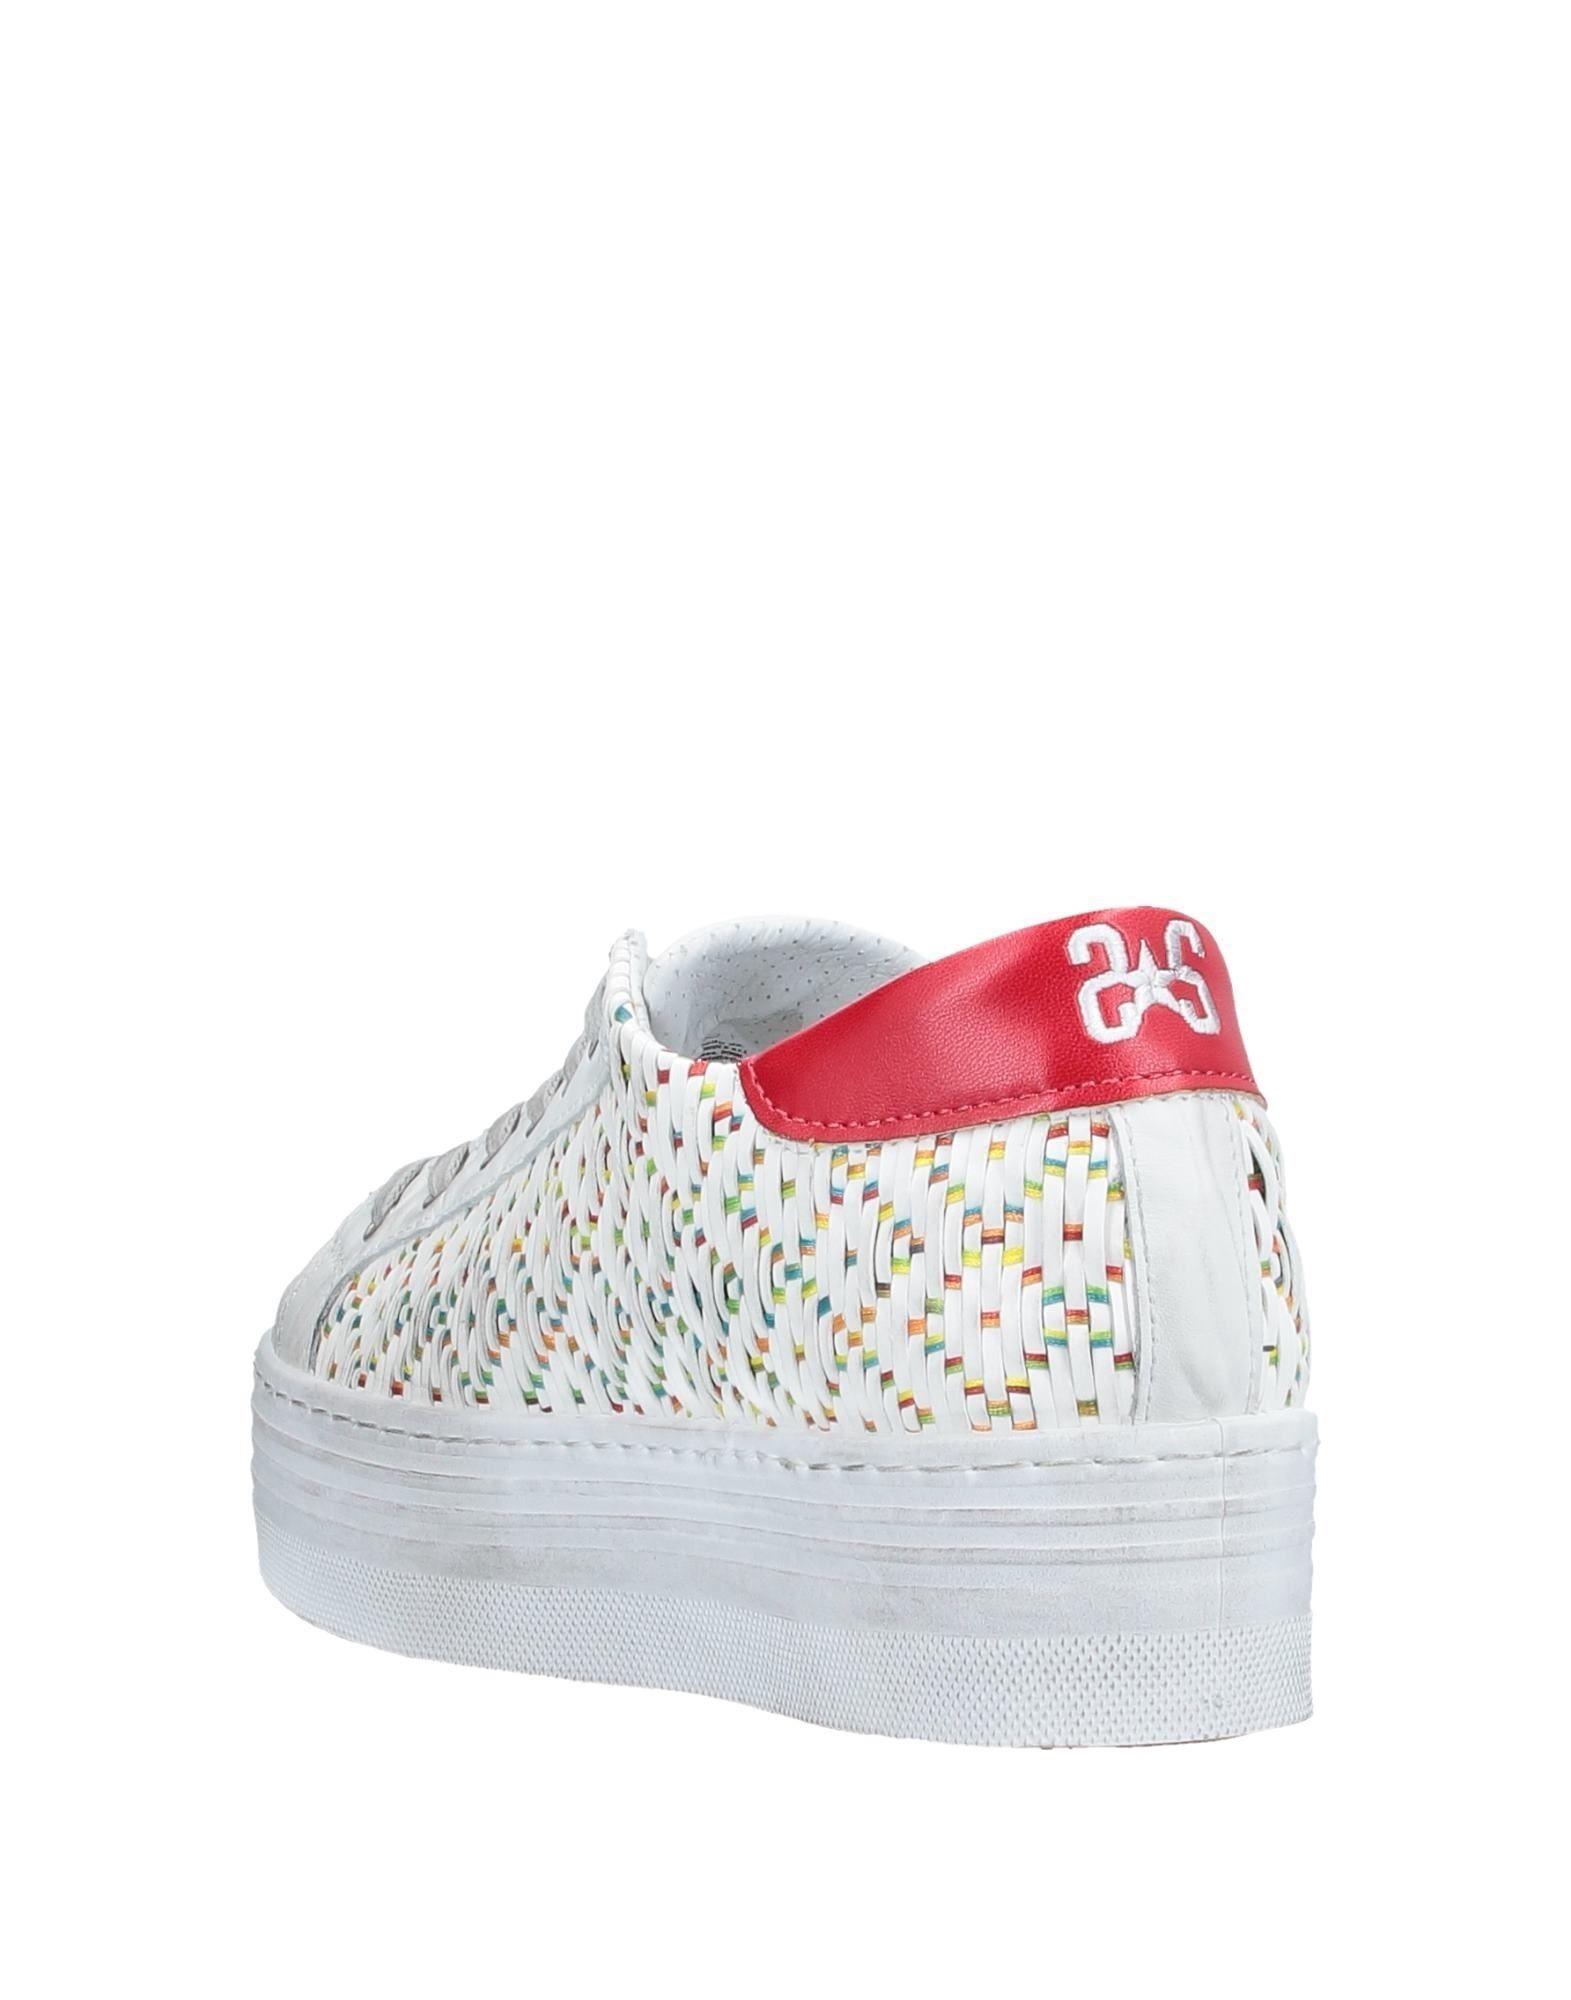 Sneakers & Deportivas 2Star de color Blanco